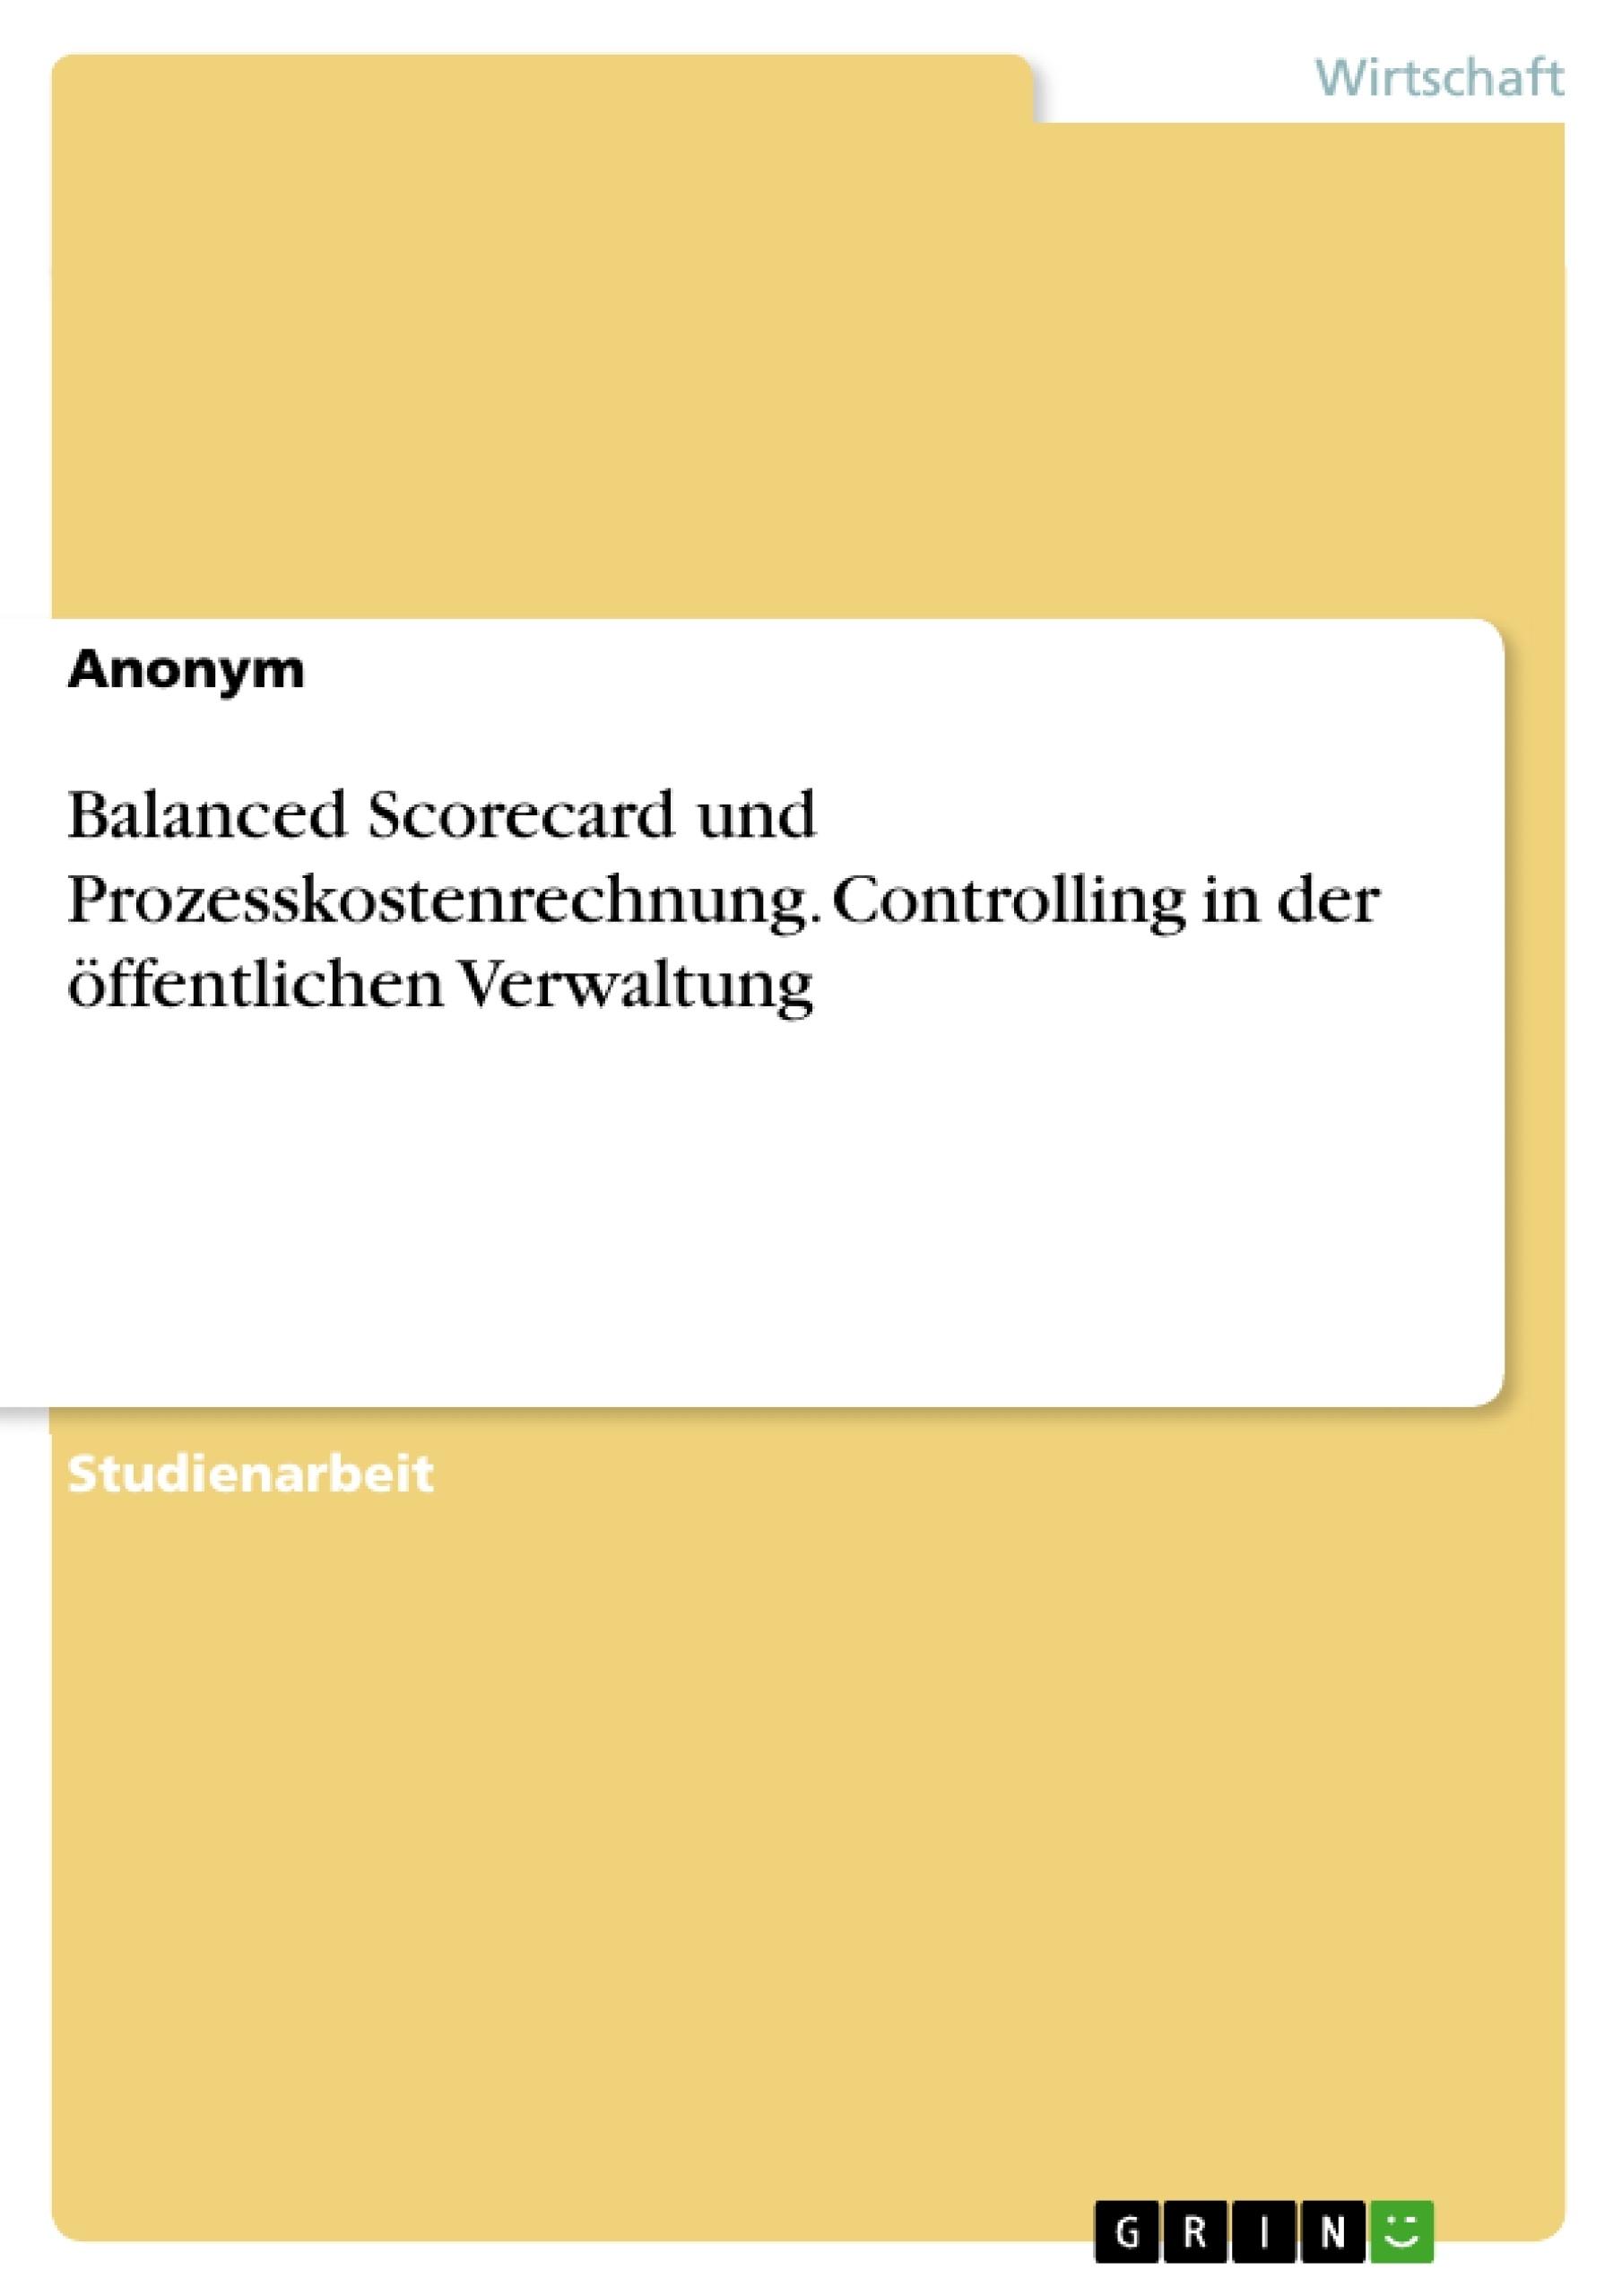 Titel: Balanced Scorecard und Prozesskostenrechnung. Controlling in der öffentlichen Verwaltung